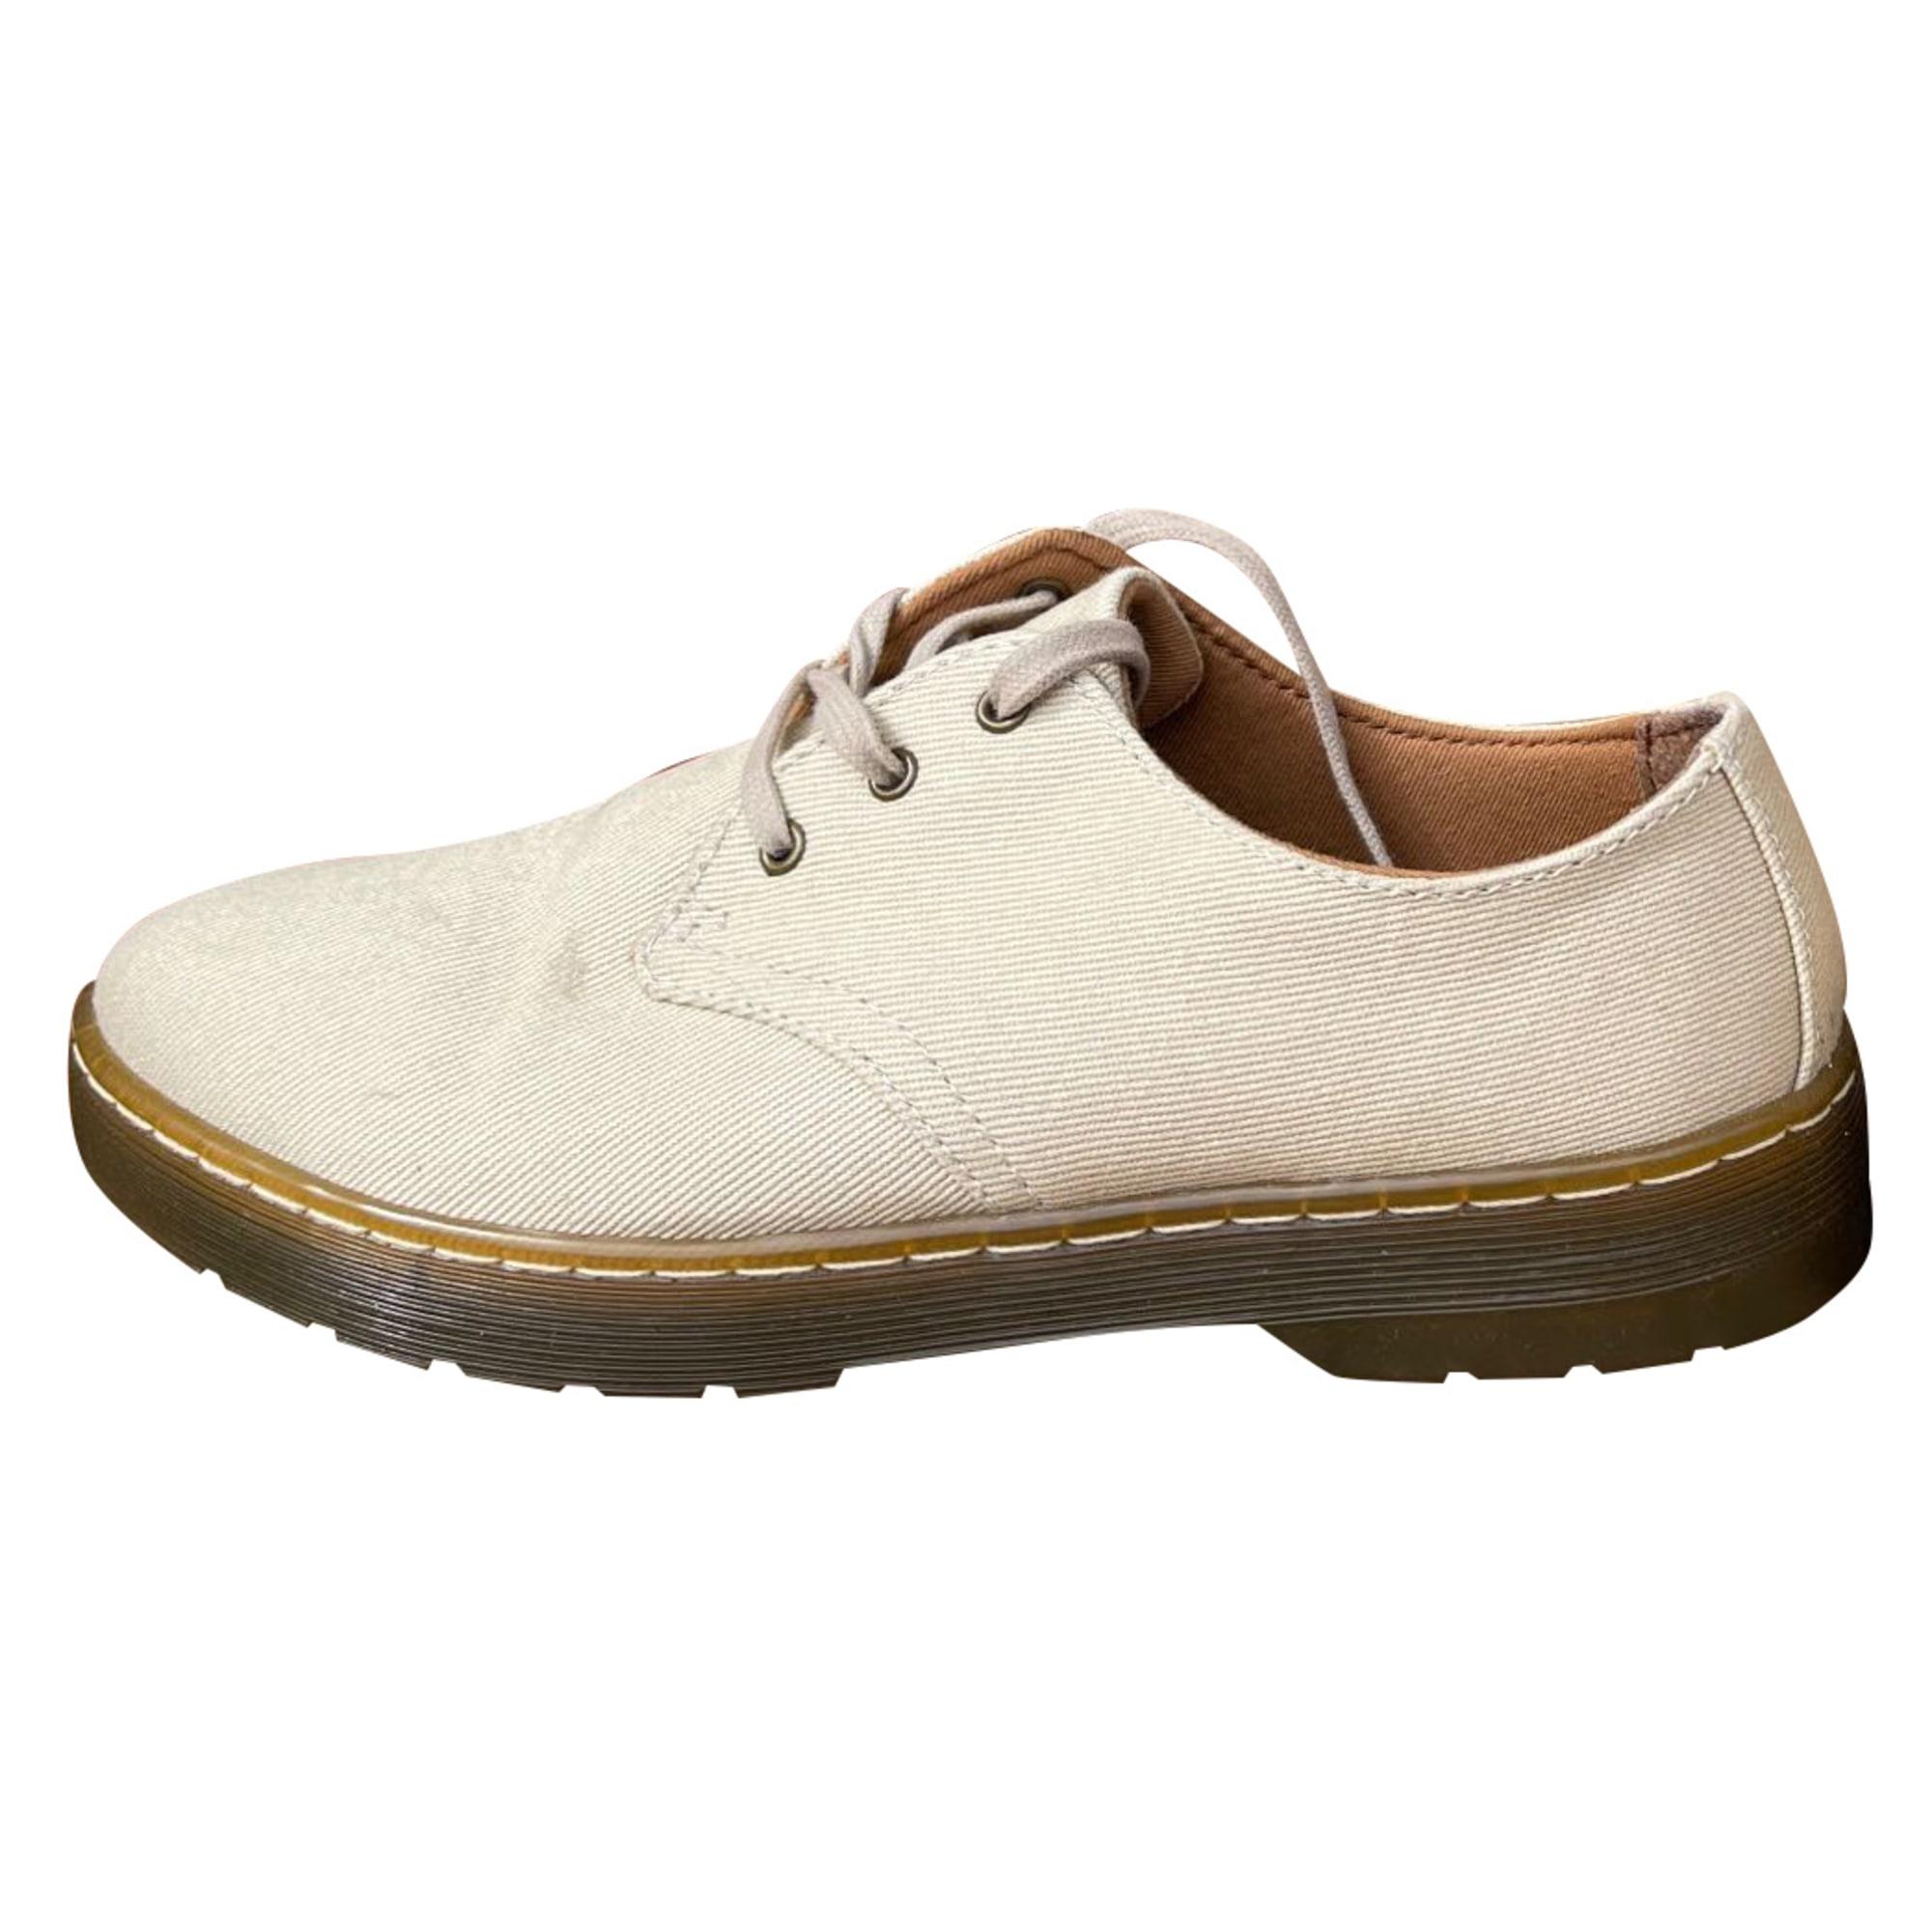 Chaussures à lacets  DR. MARTENS Beige, camel